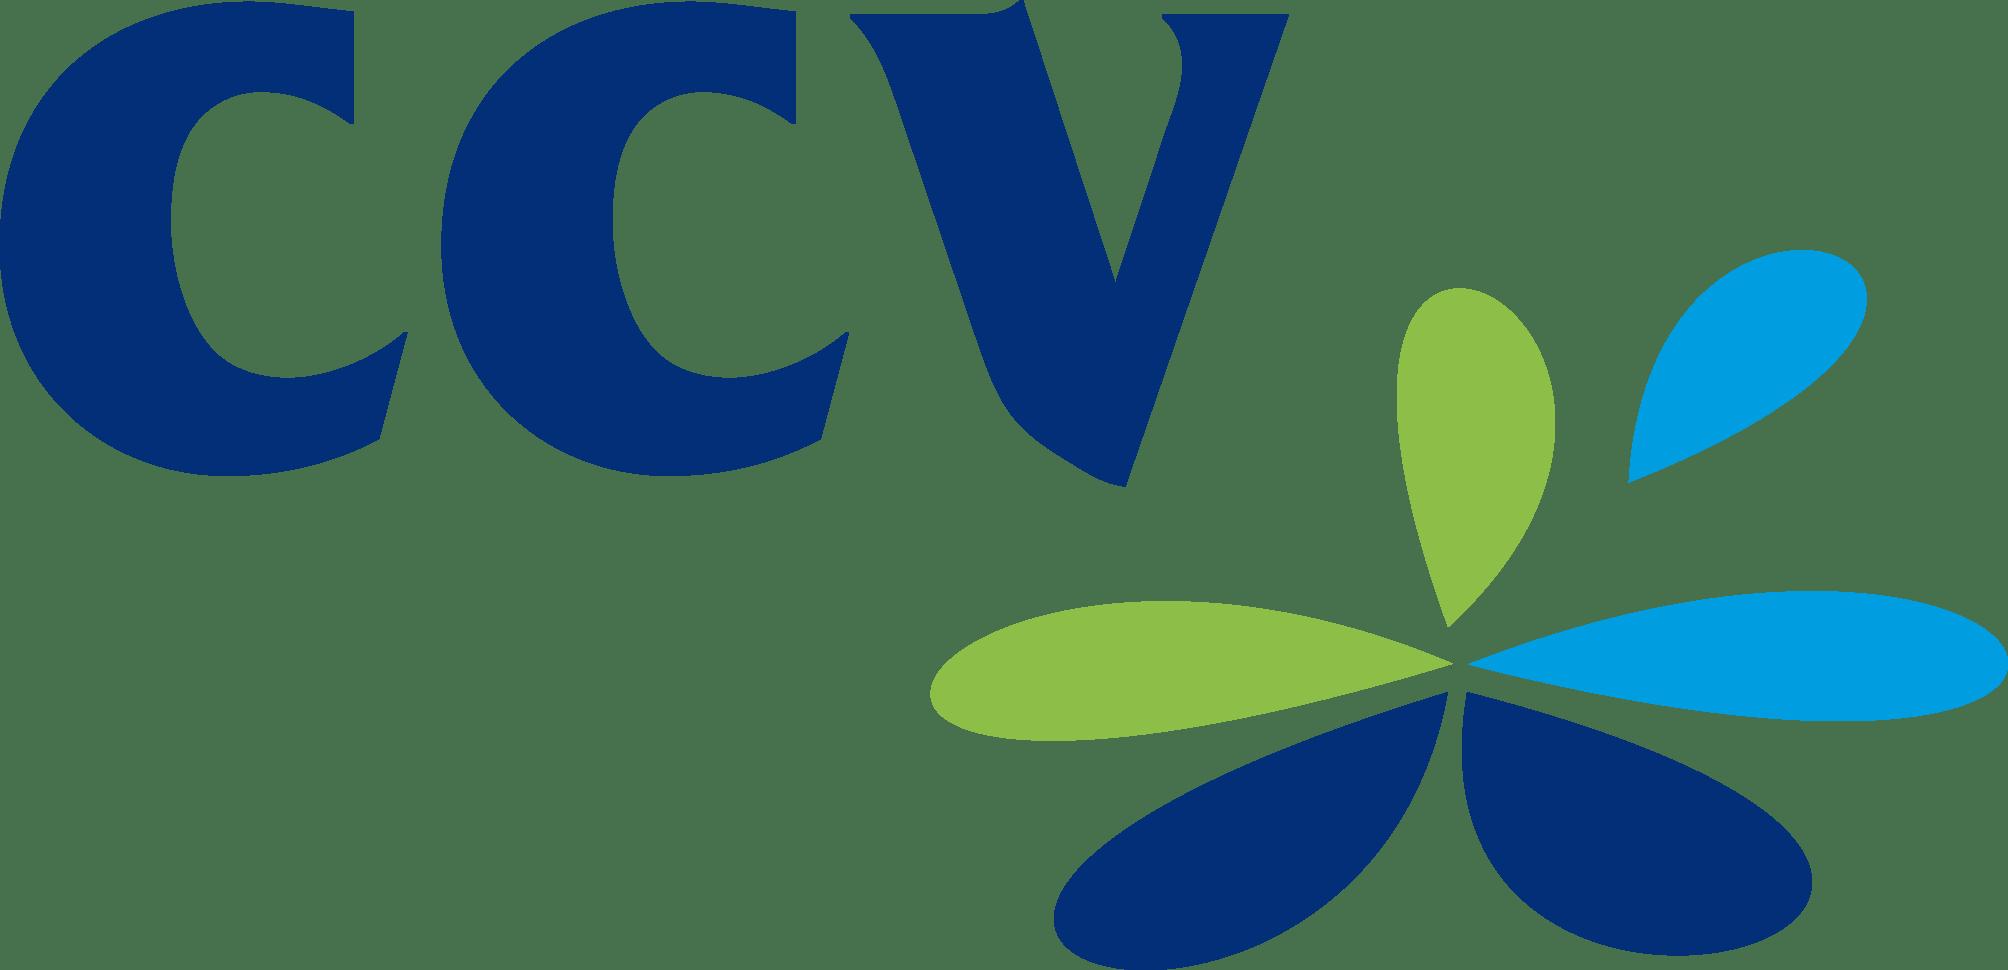 Koppelen met CCV